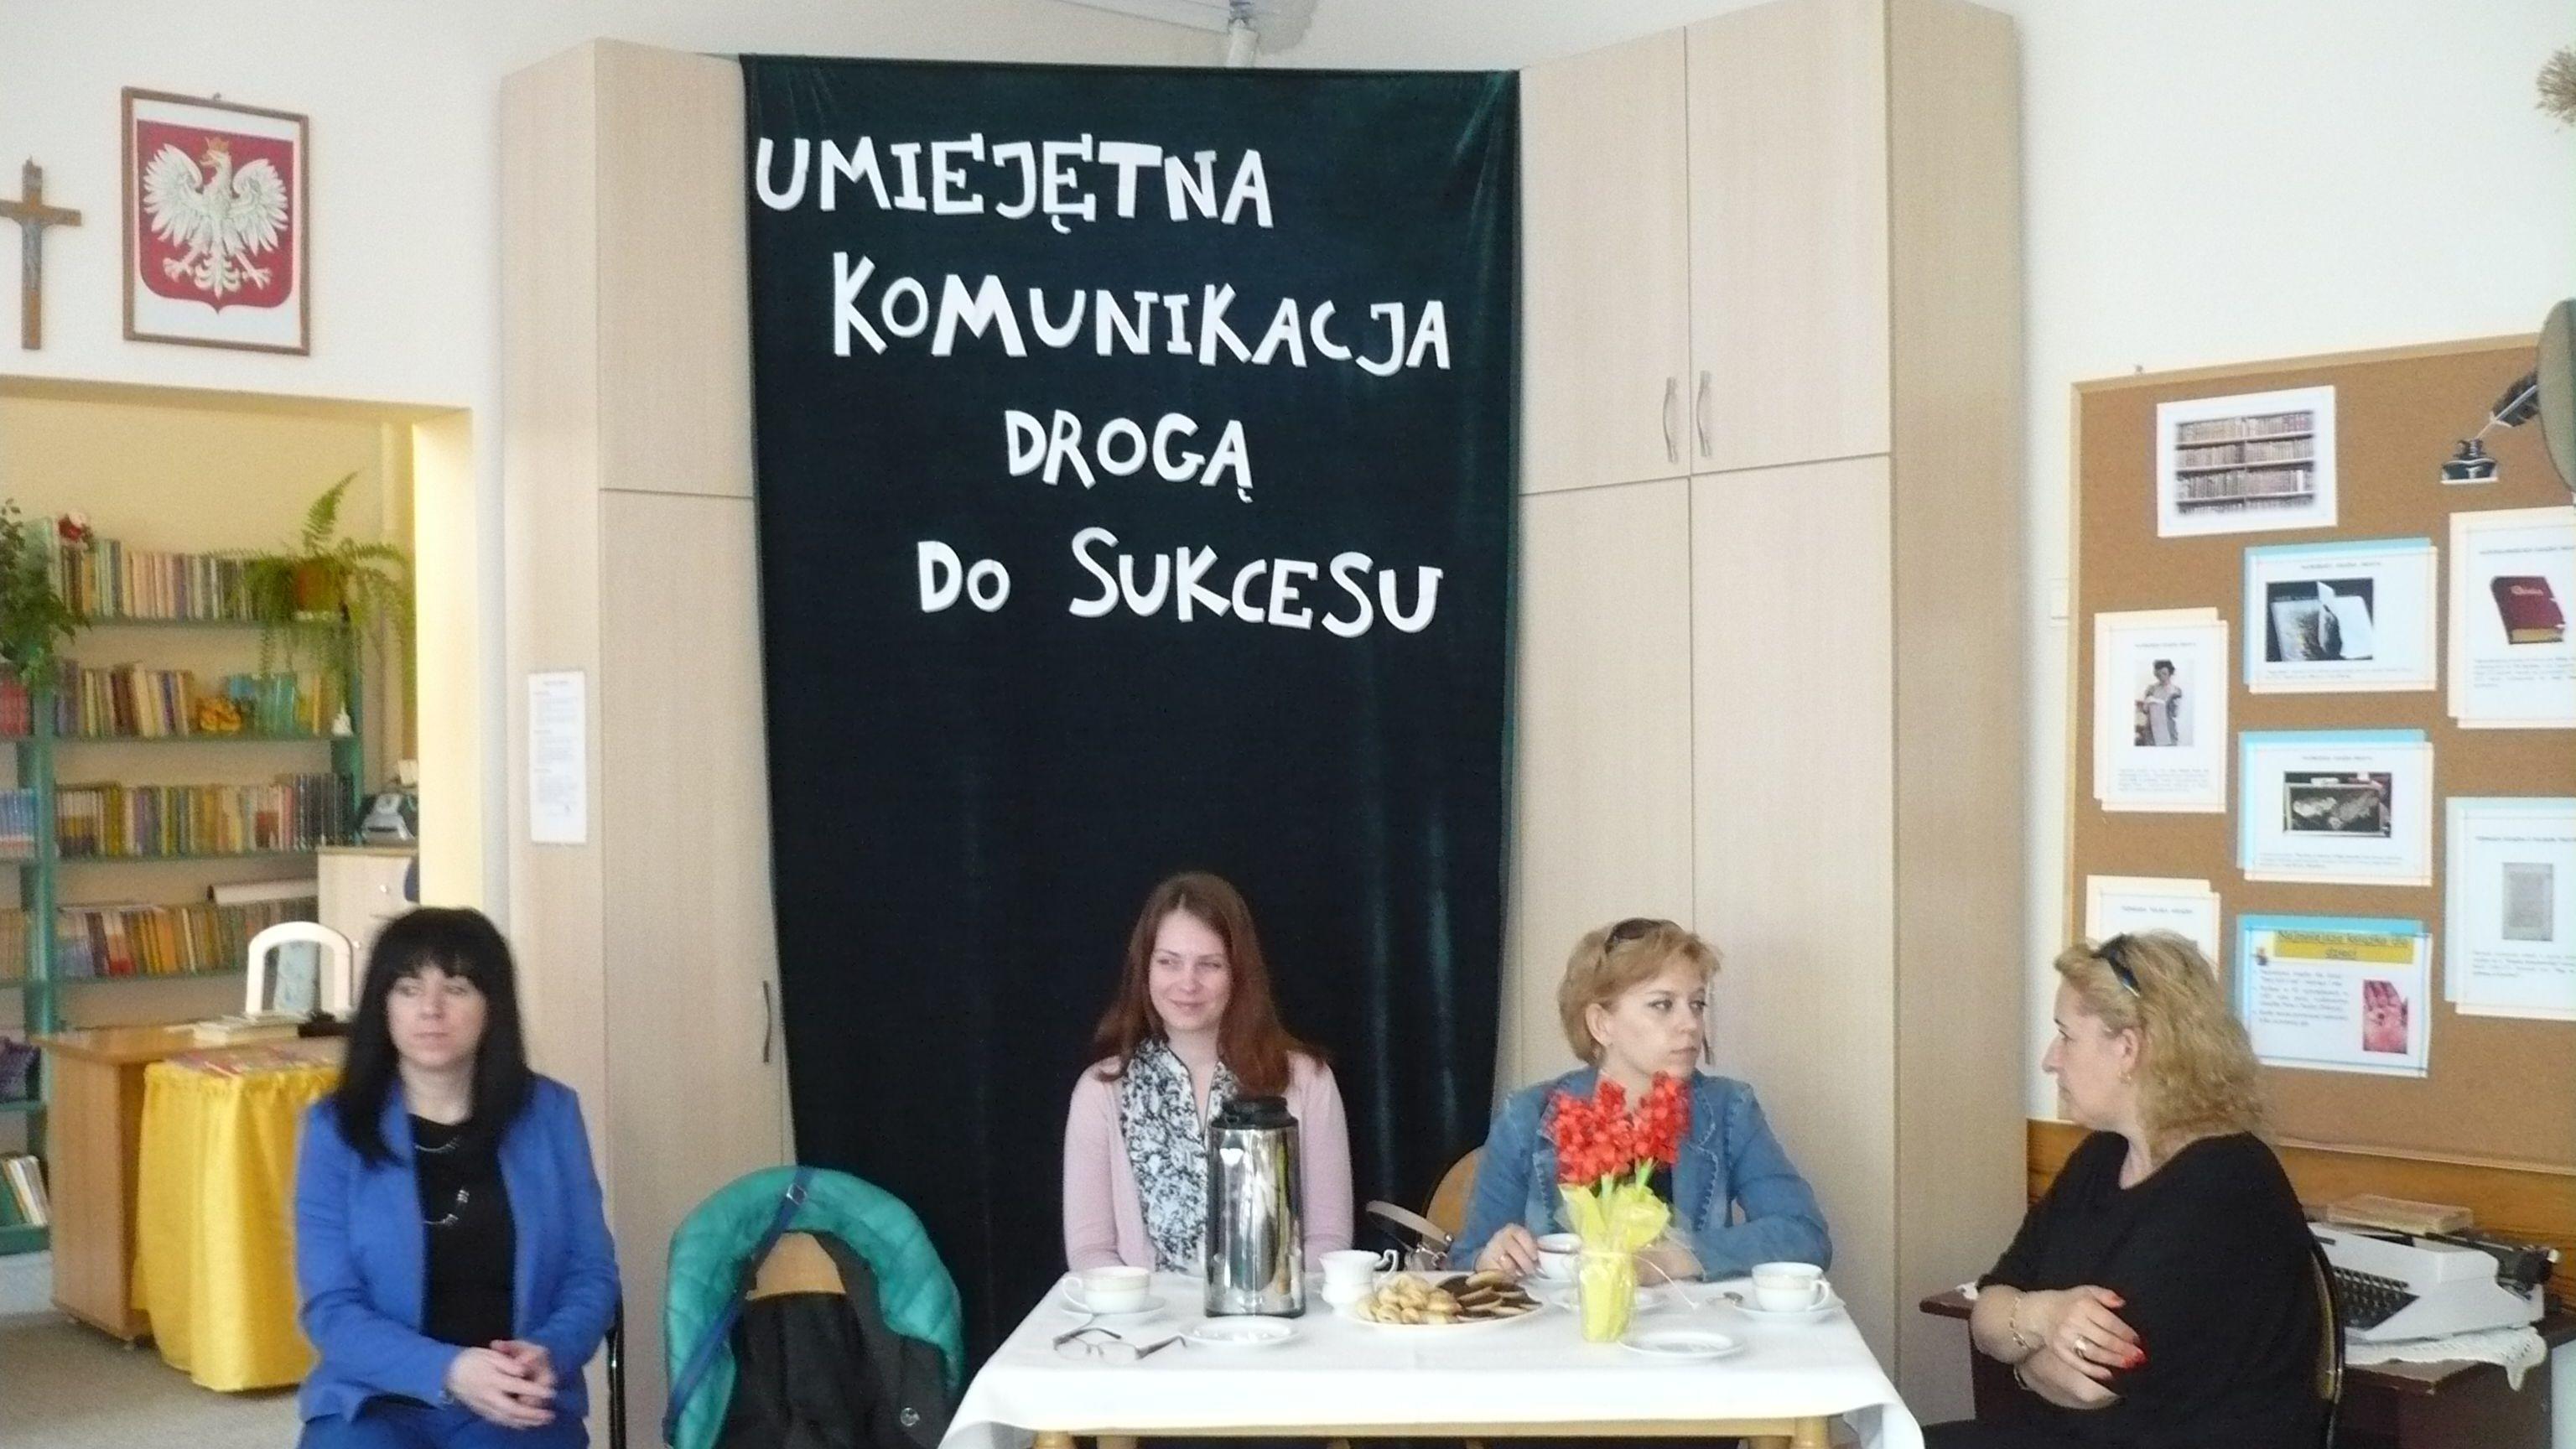 """I Międzygimnazjalny Konkurs Zawodoznawczy pt."""" Umiejętna komunikacja drogą do sukcesu""""."""